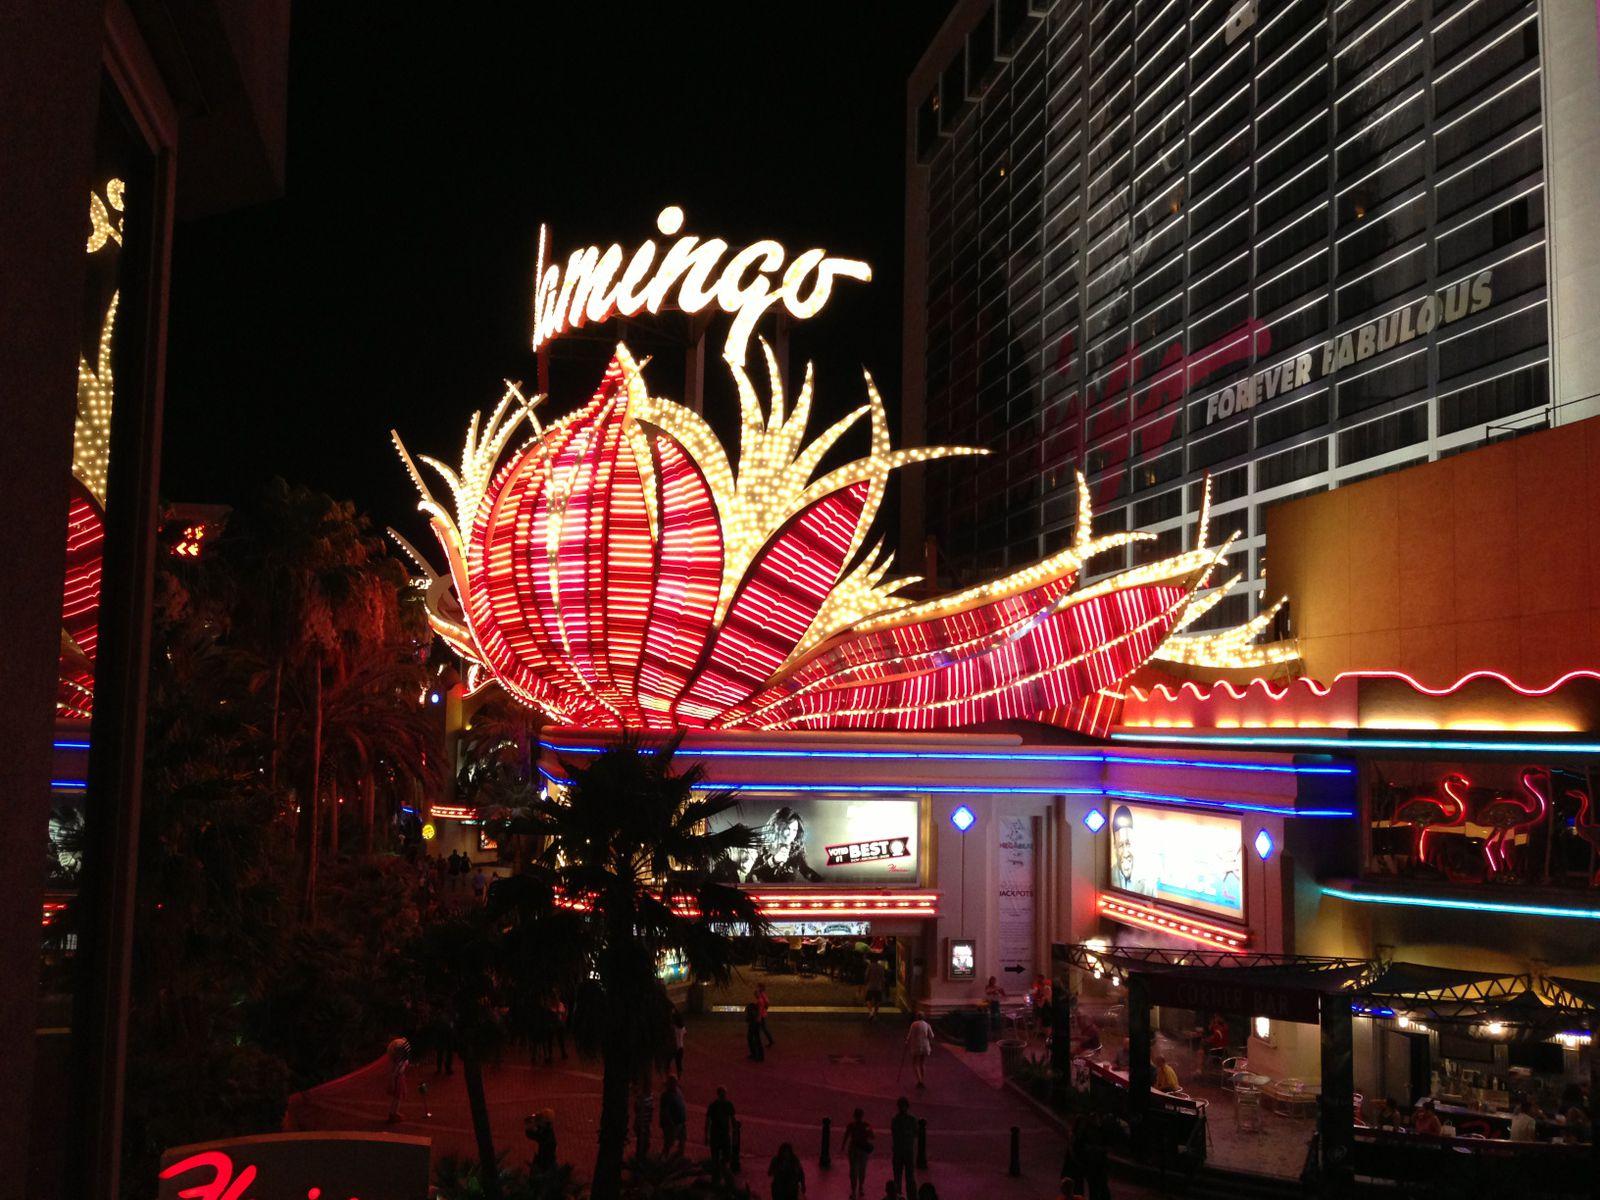 Le Flamingo Hotel